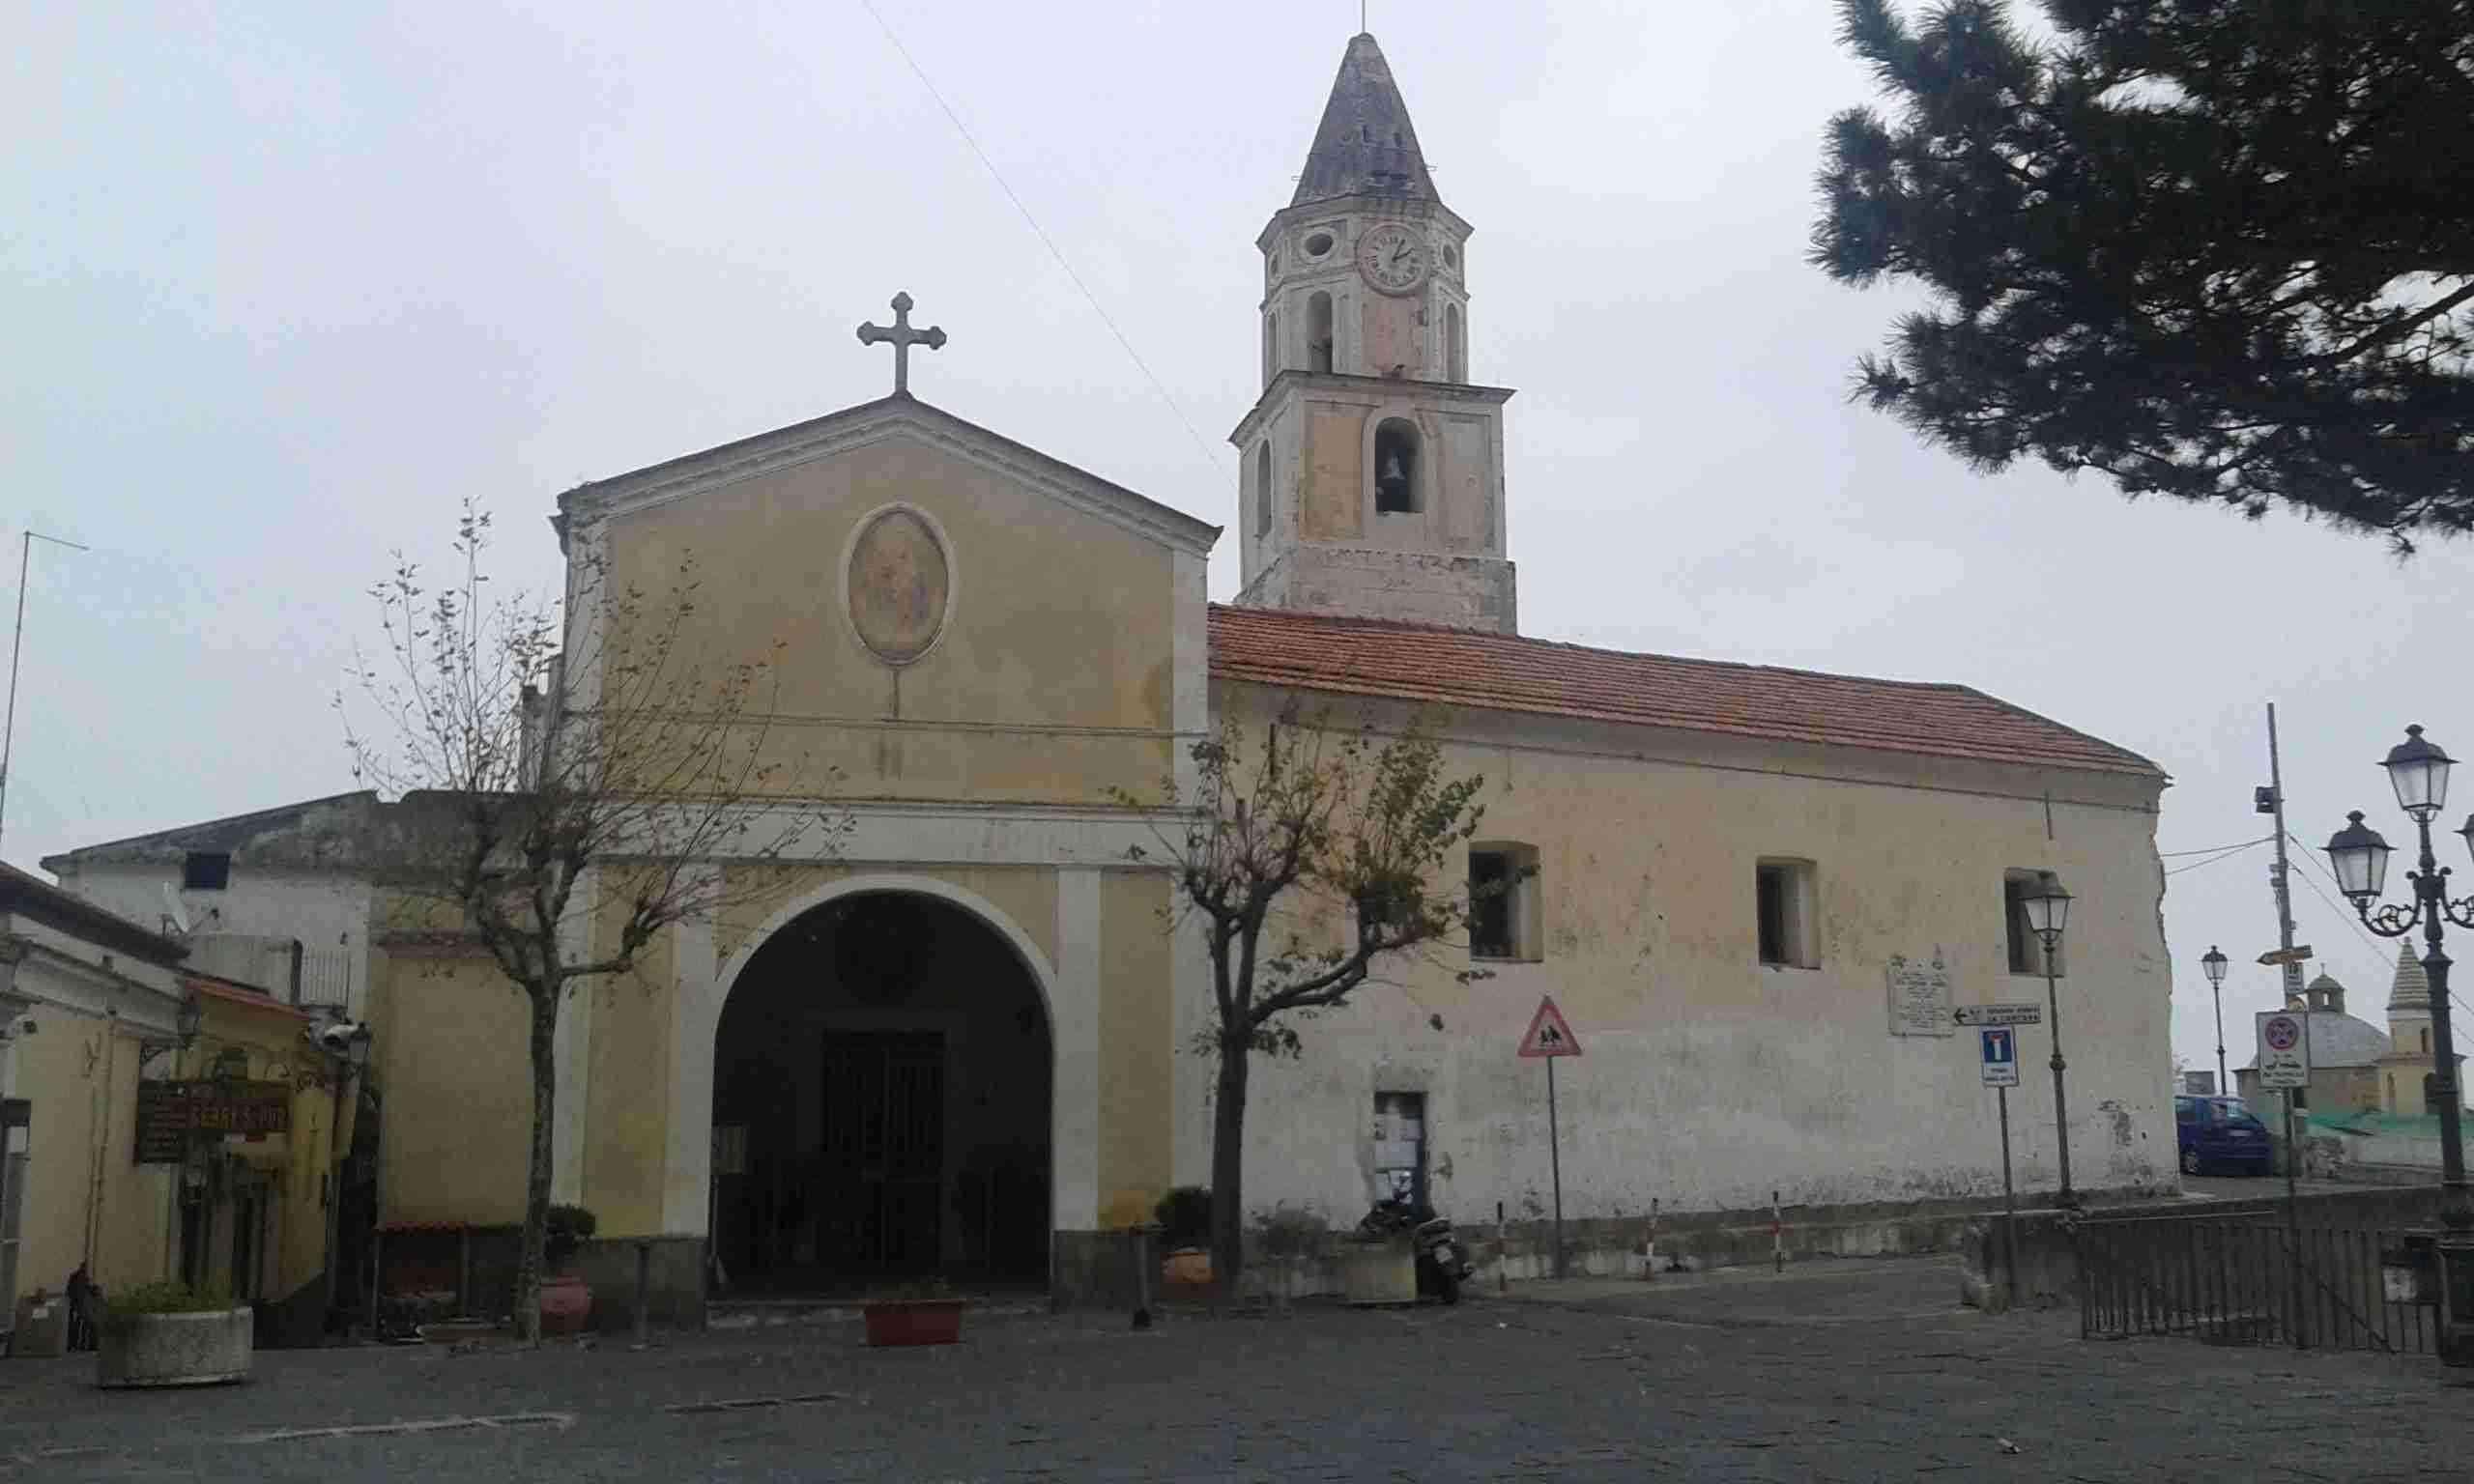 Pogerola Amalfi, la suggestione di un luogo